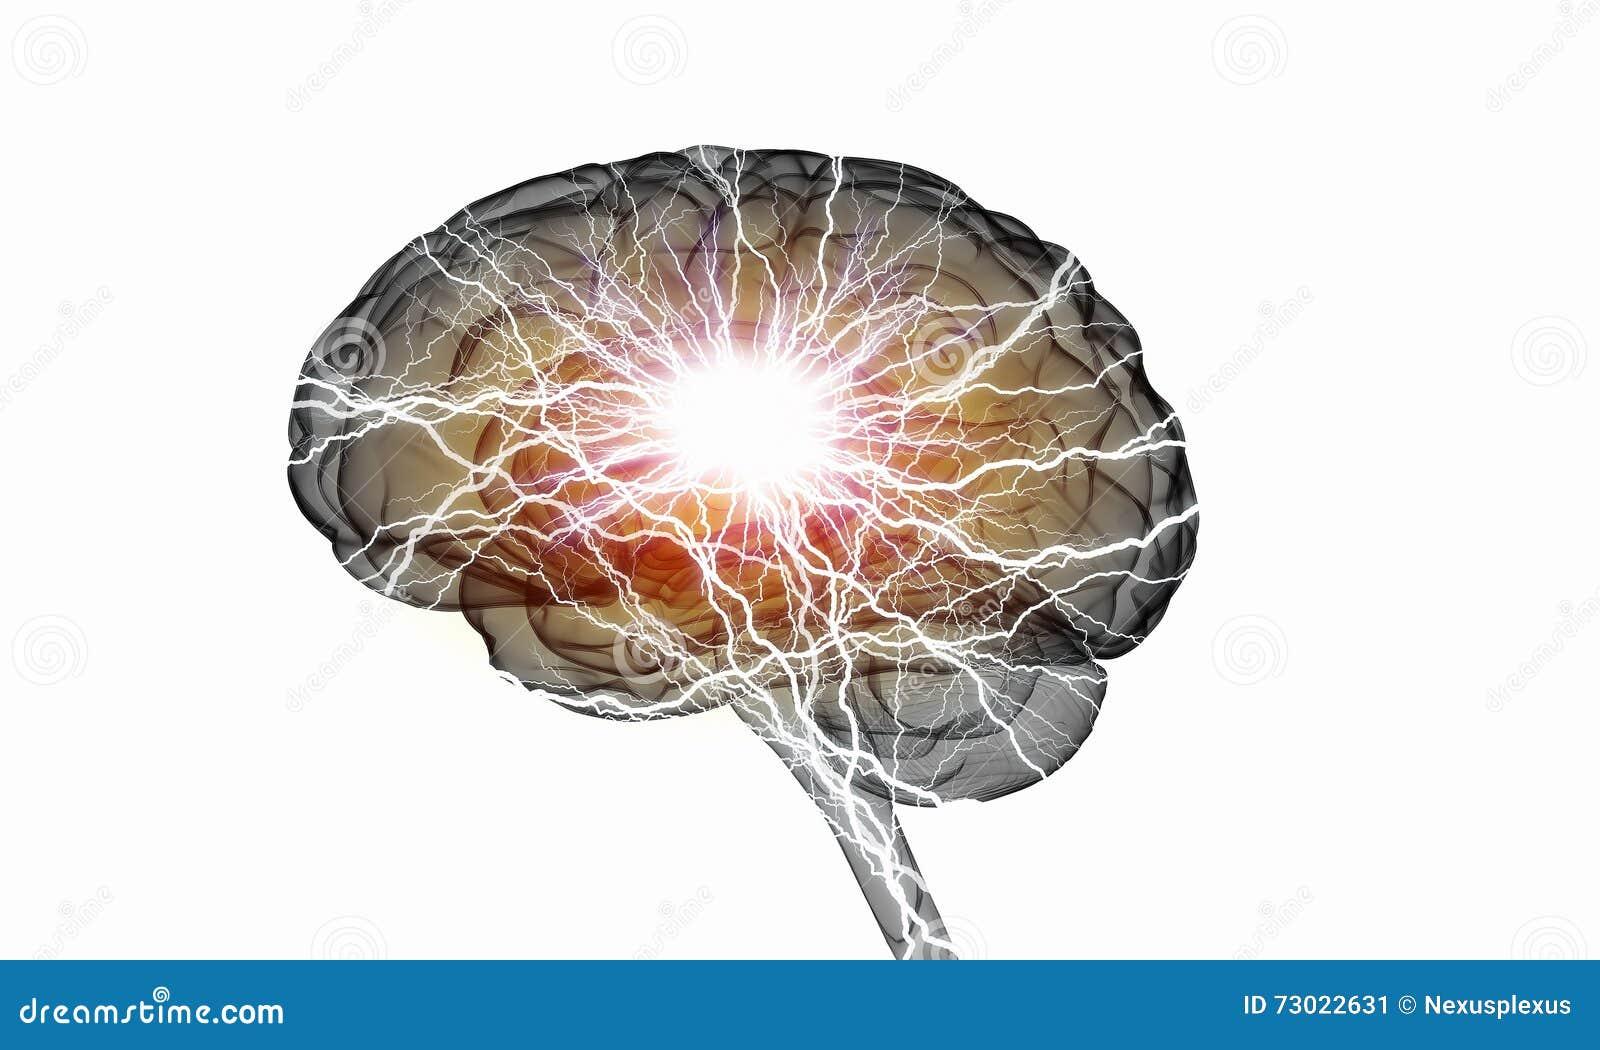 Antrieb des menschlichen Gehirns